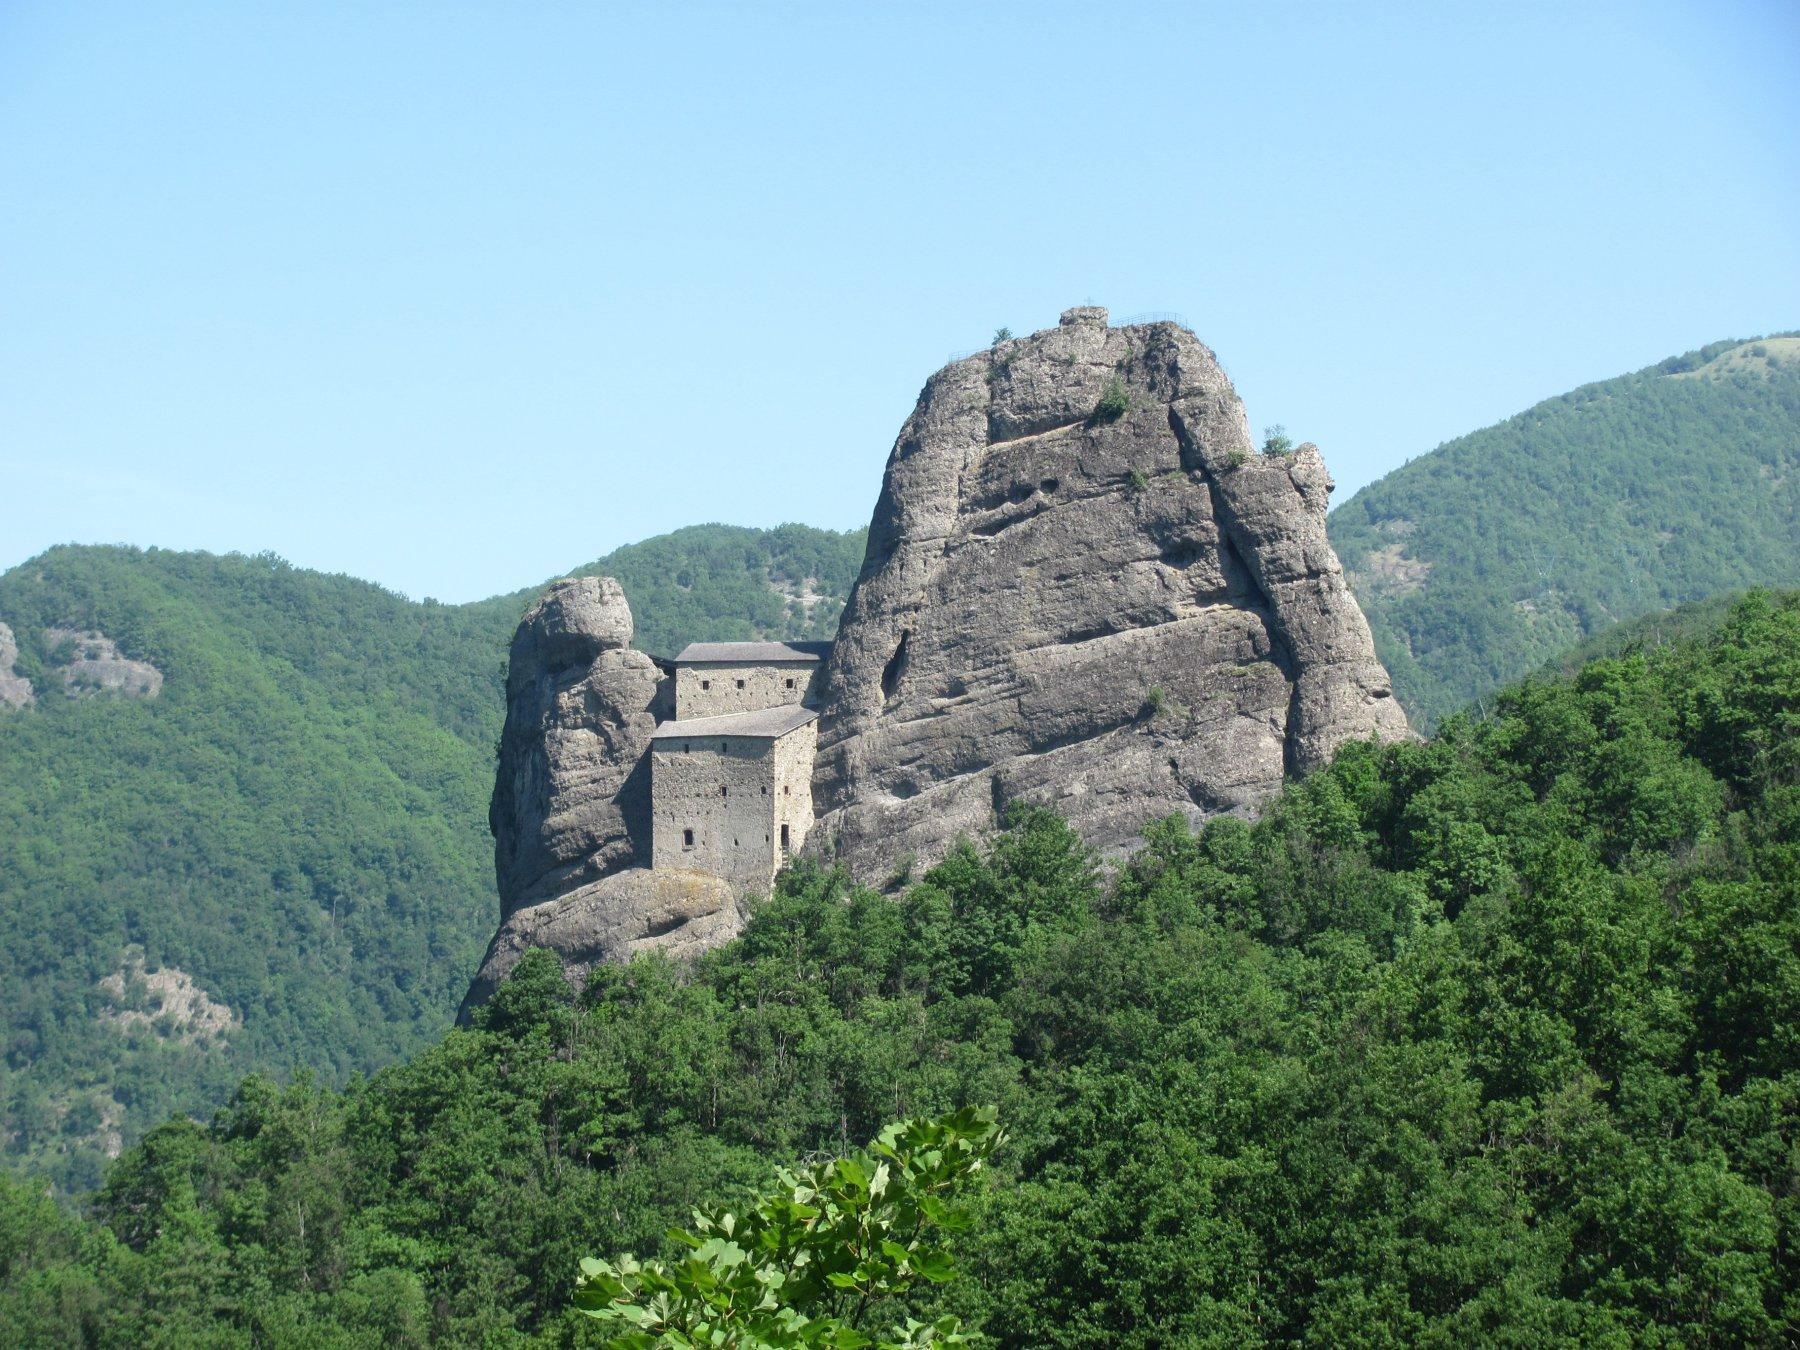 prima visione del castello, dal sentiero di accesso